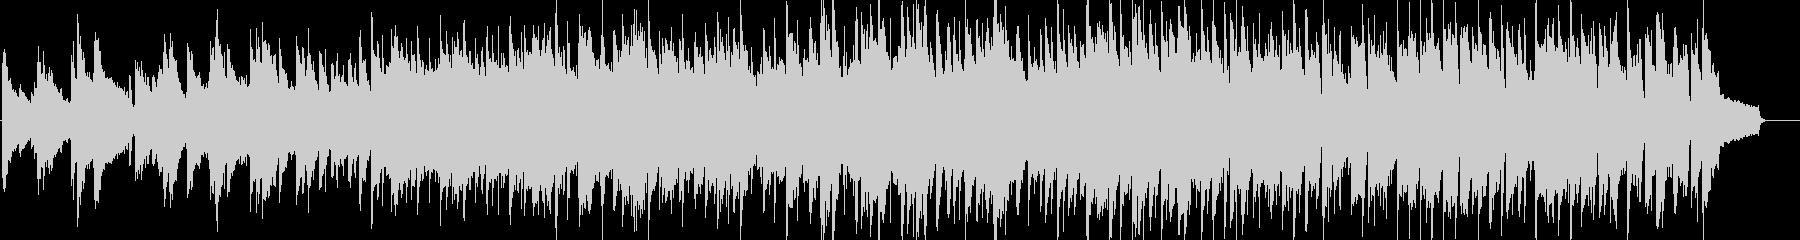 爽やか・軽快・ほのぼの・日常・ピアノの未再生の波形